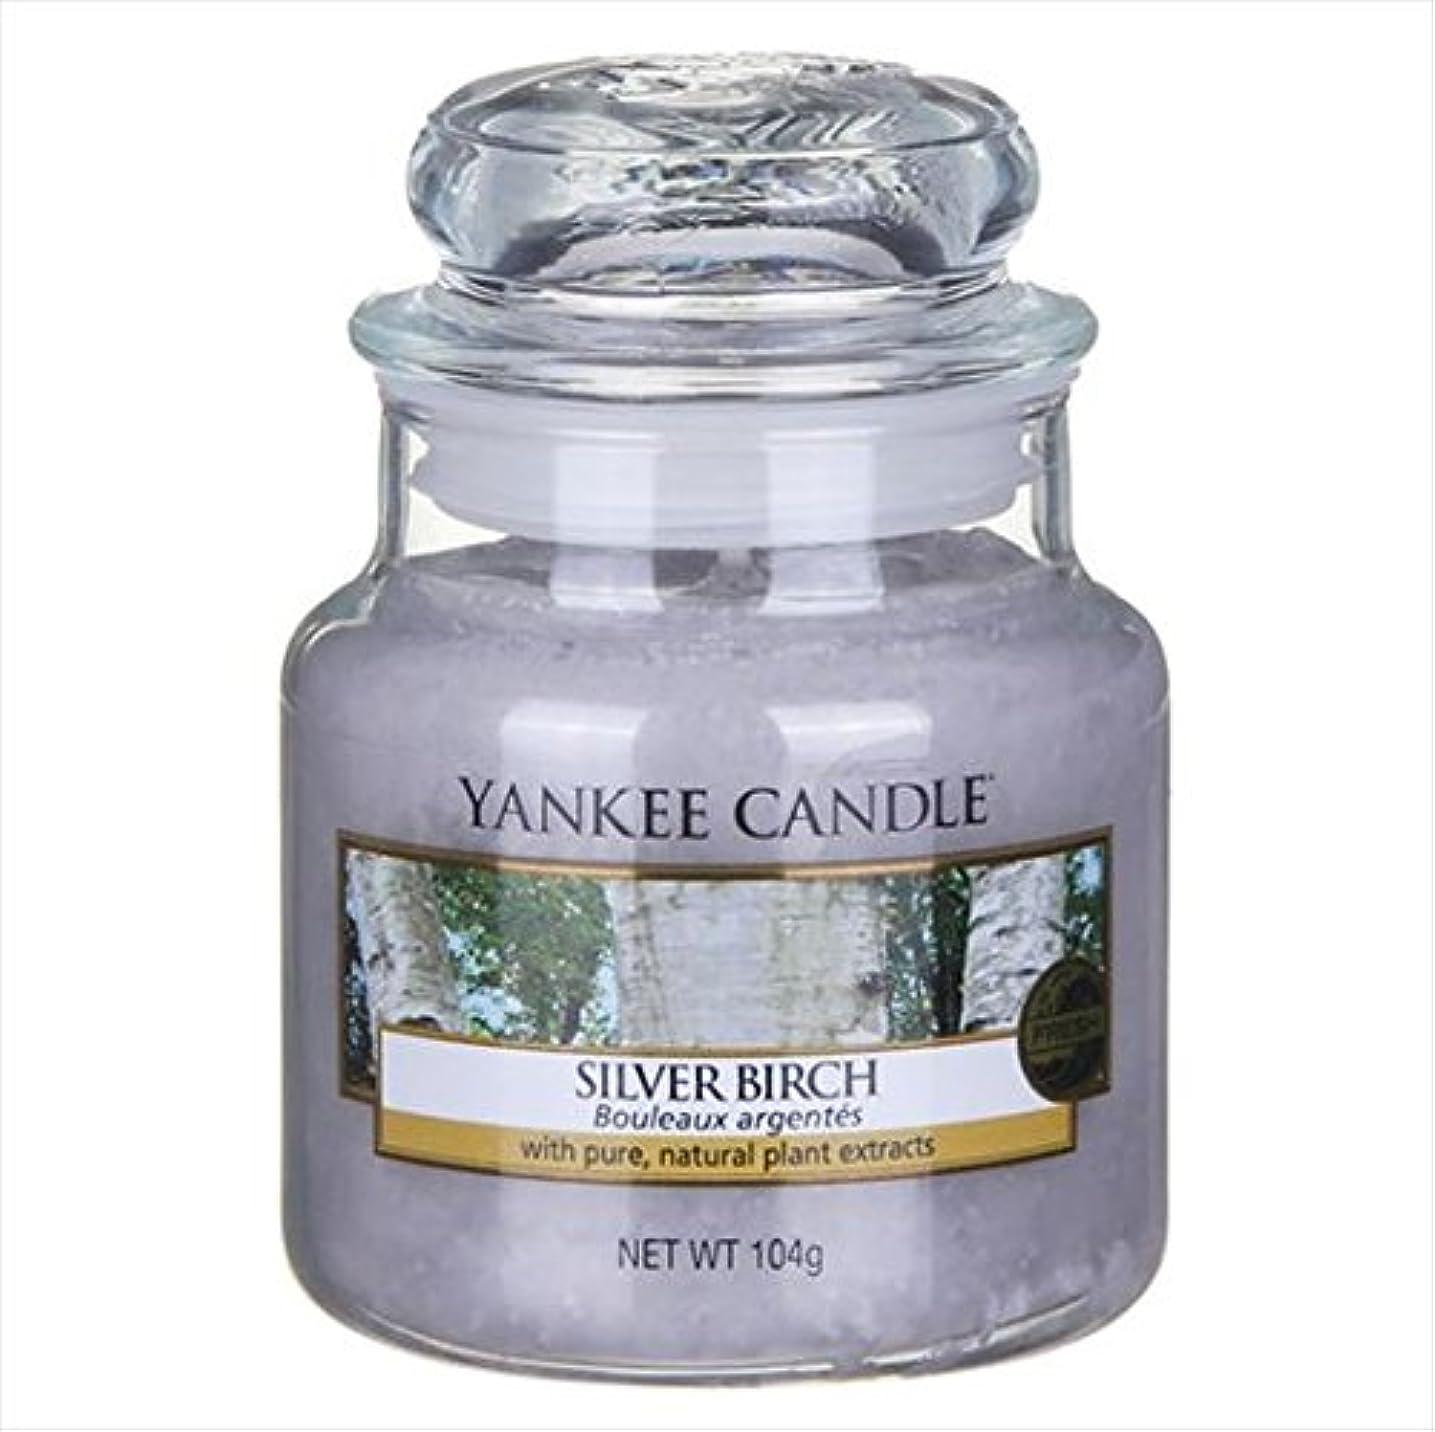 ペレット正確緯度ヤンキーキャンドル(YANKEE CANDLE) YANKEE CANDLEジャーS 「 シルバーバーチ 」